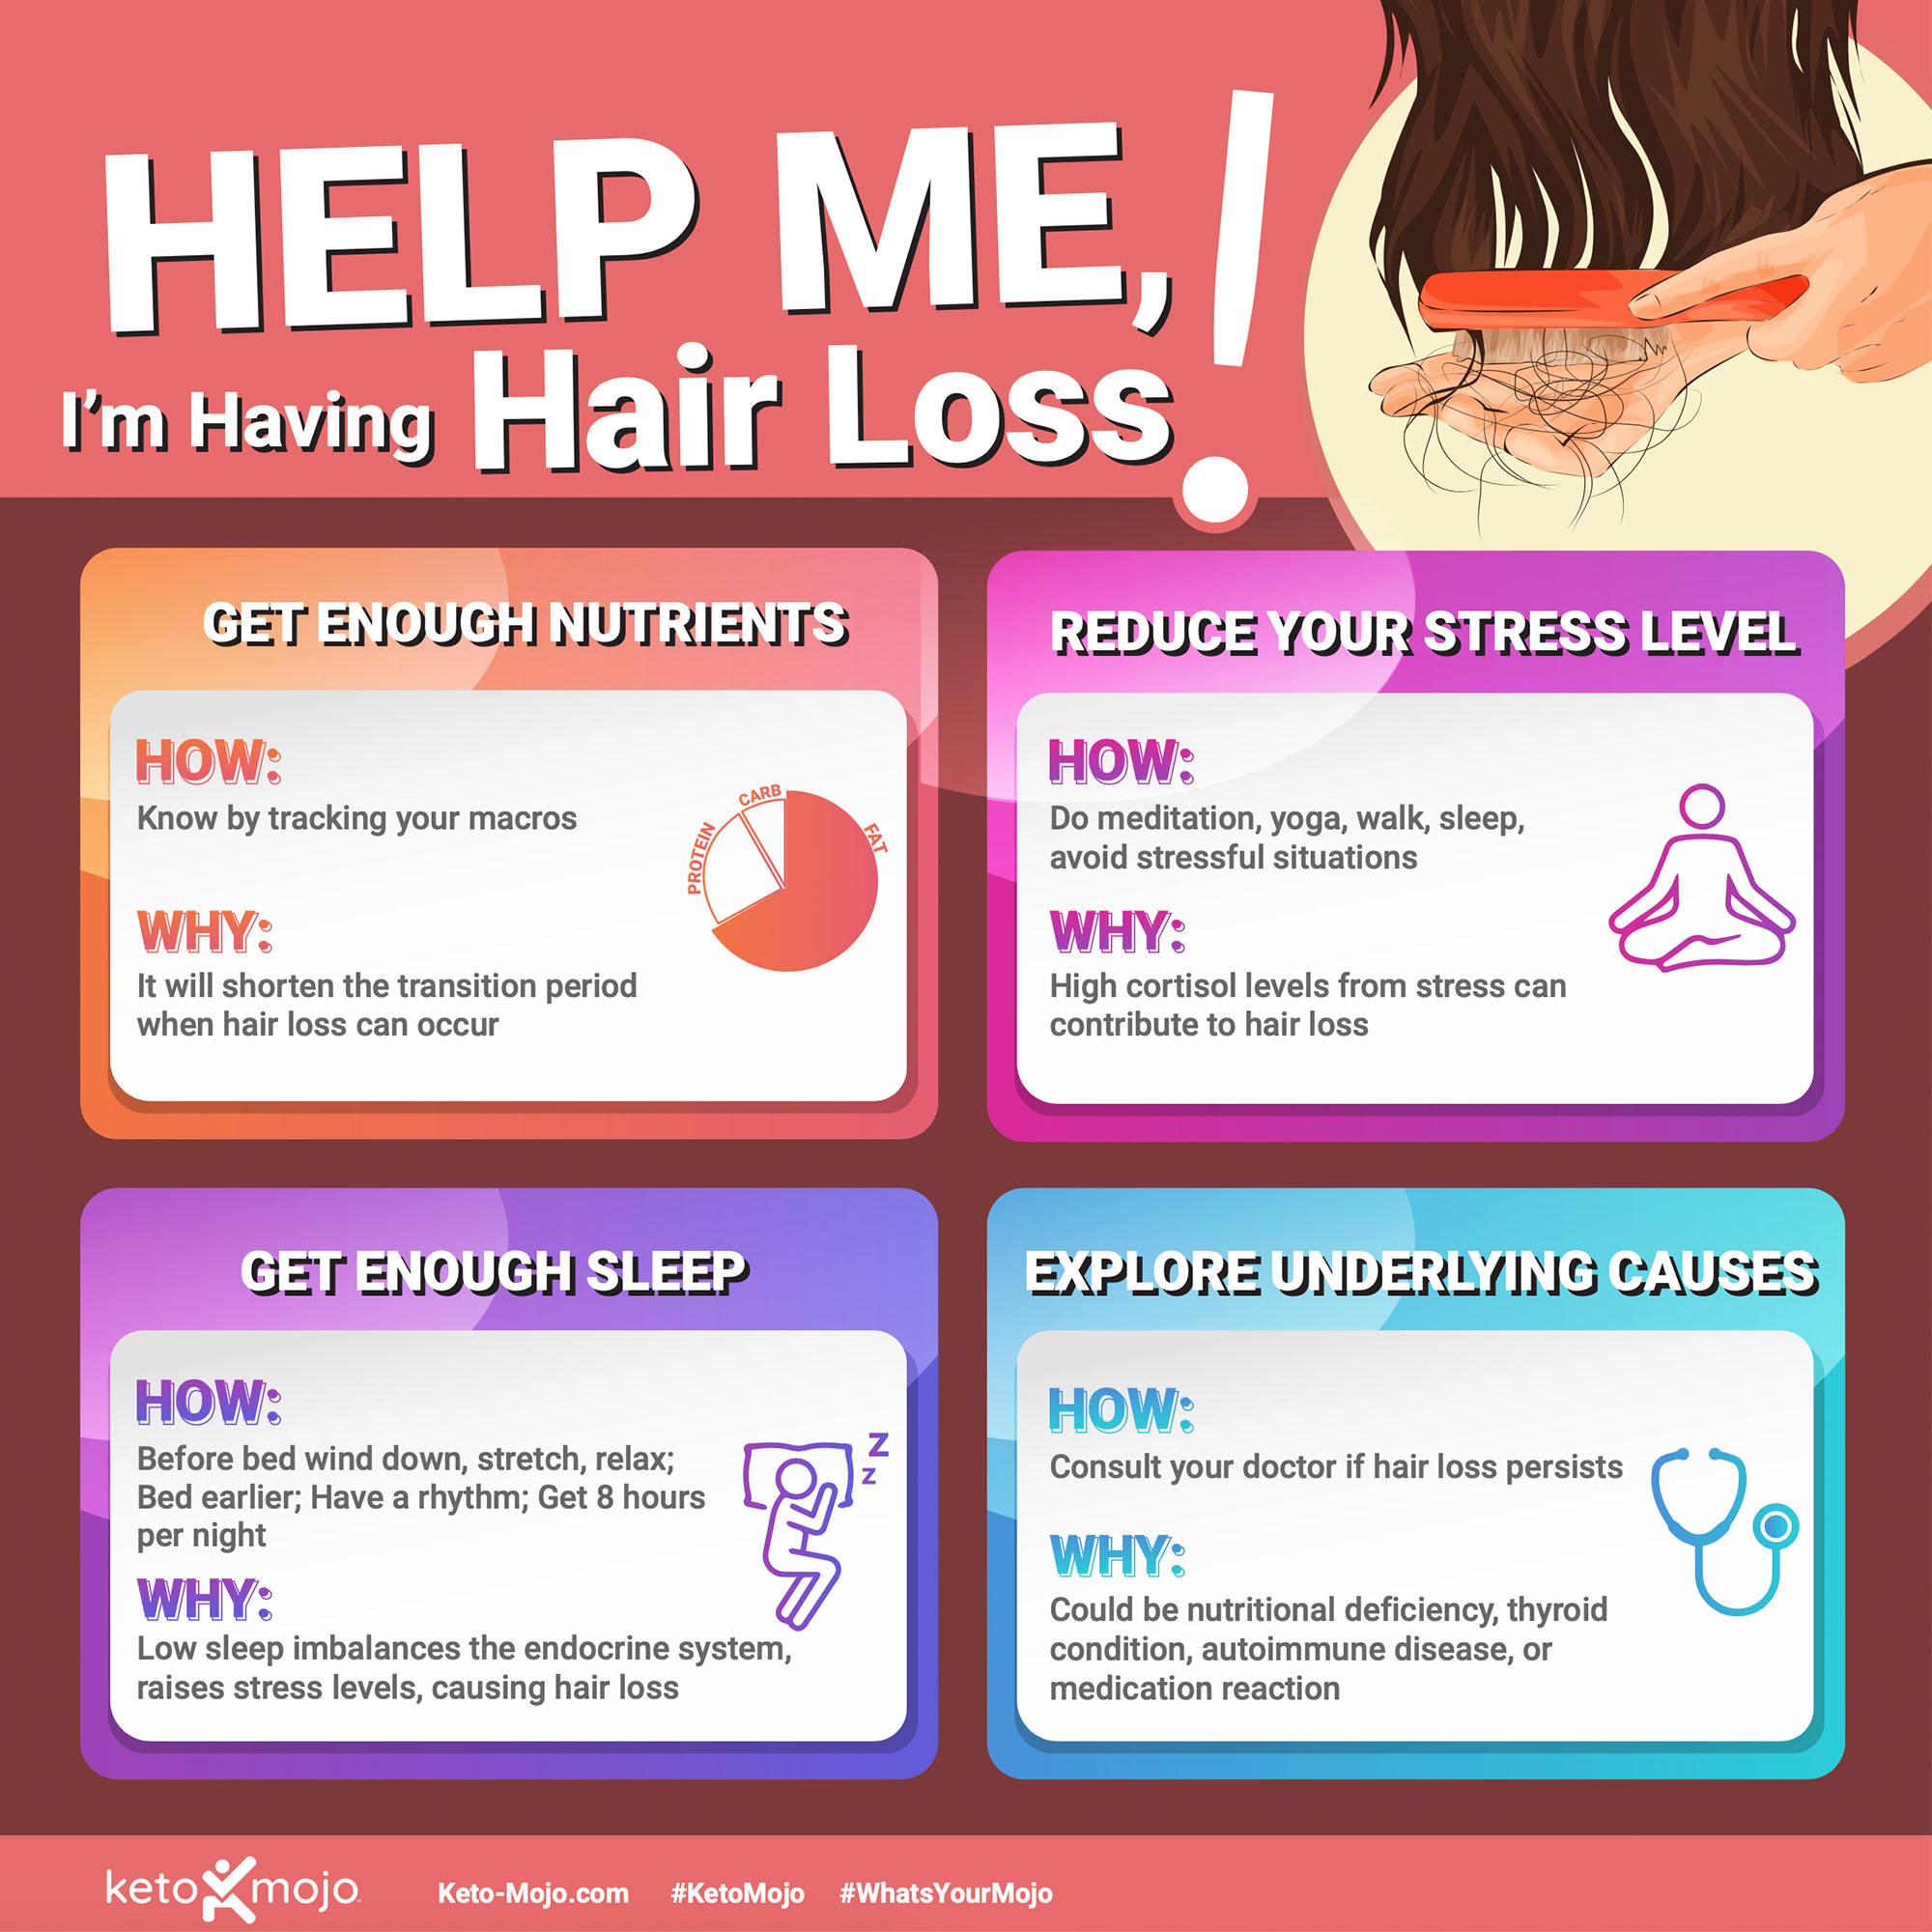 Keto-Mojo Hair Loss